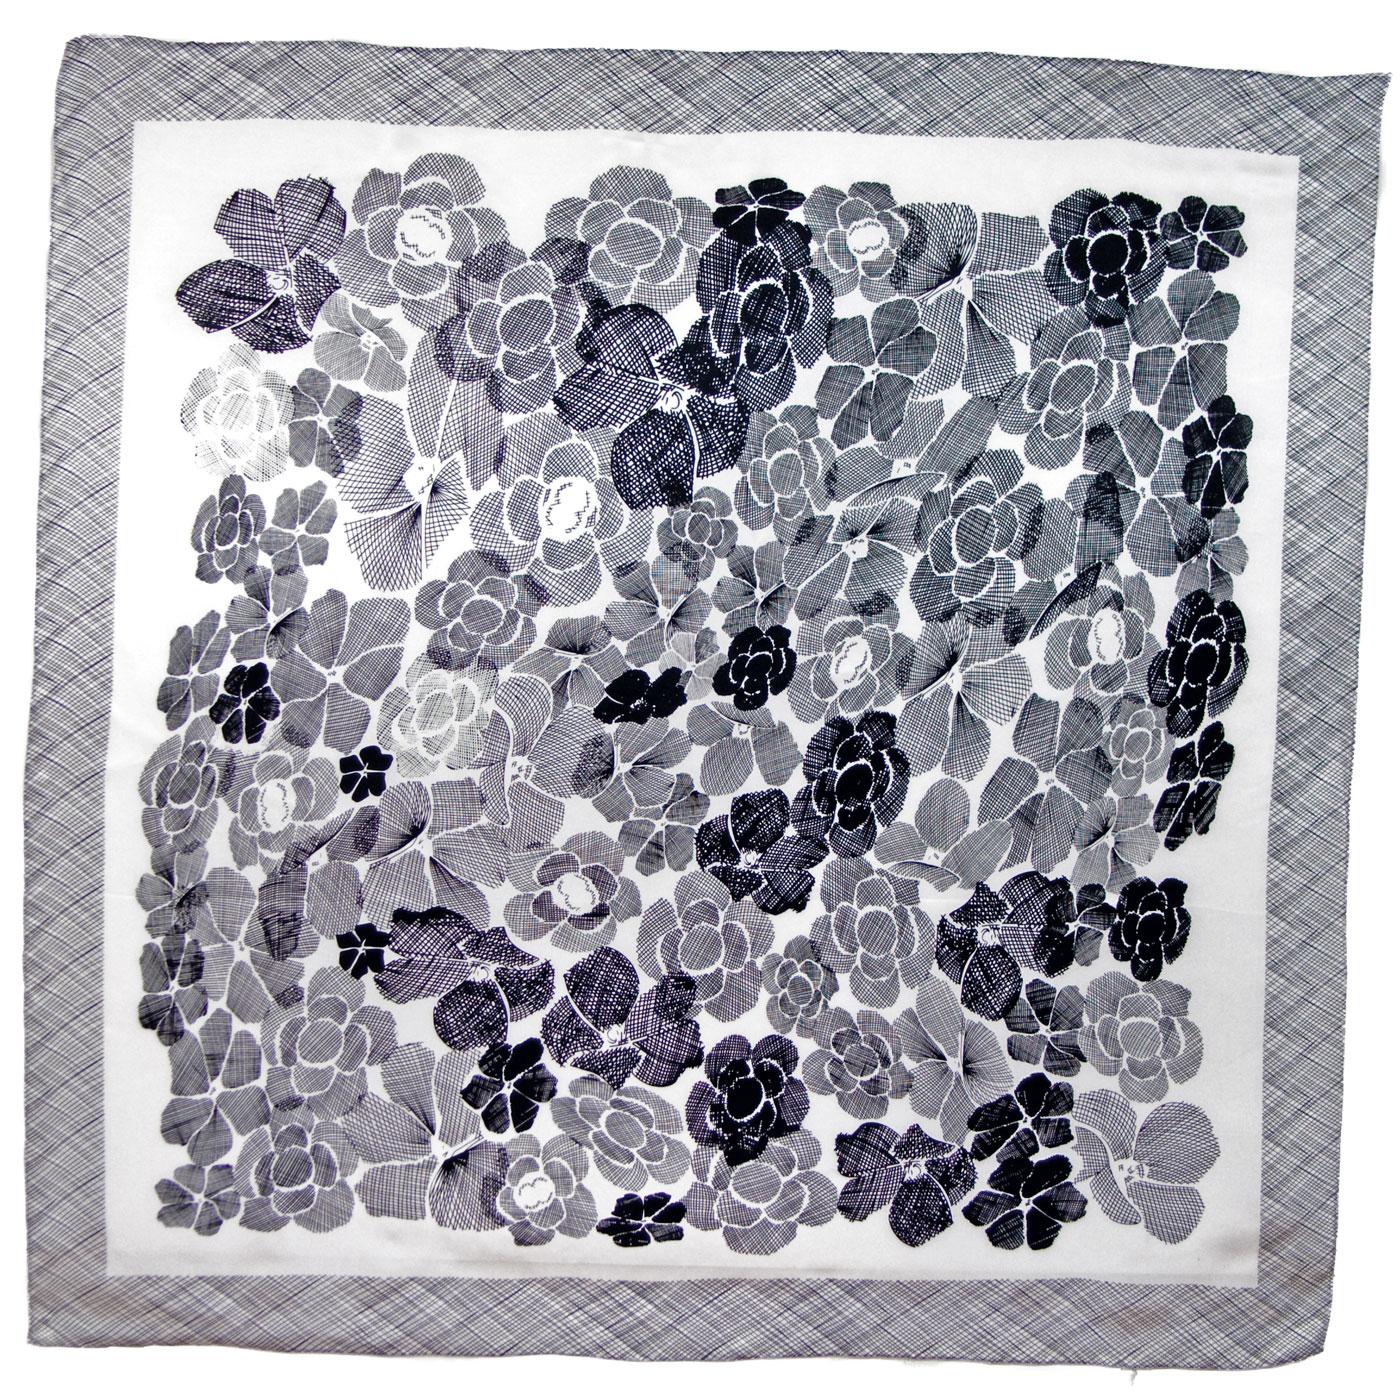 Carré de soie noir blanc Capucine 110 x 110 cm premium